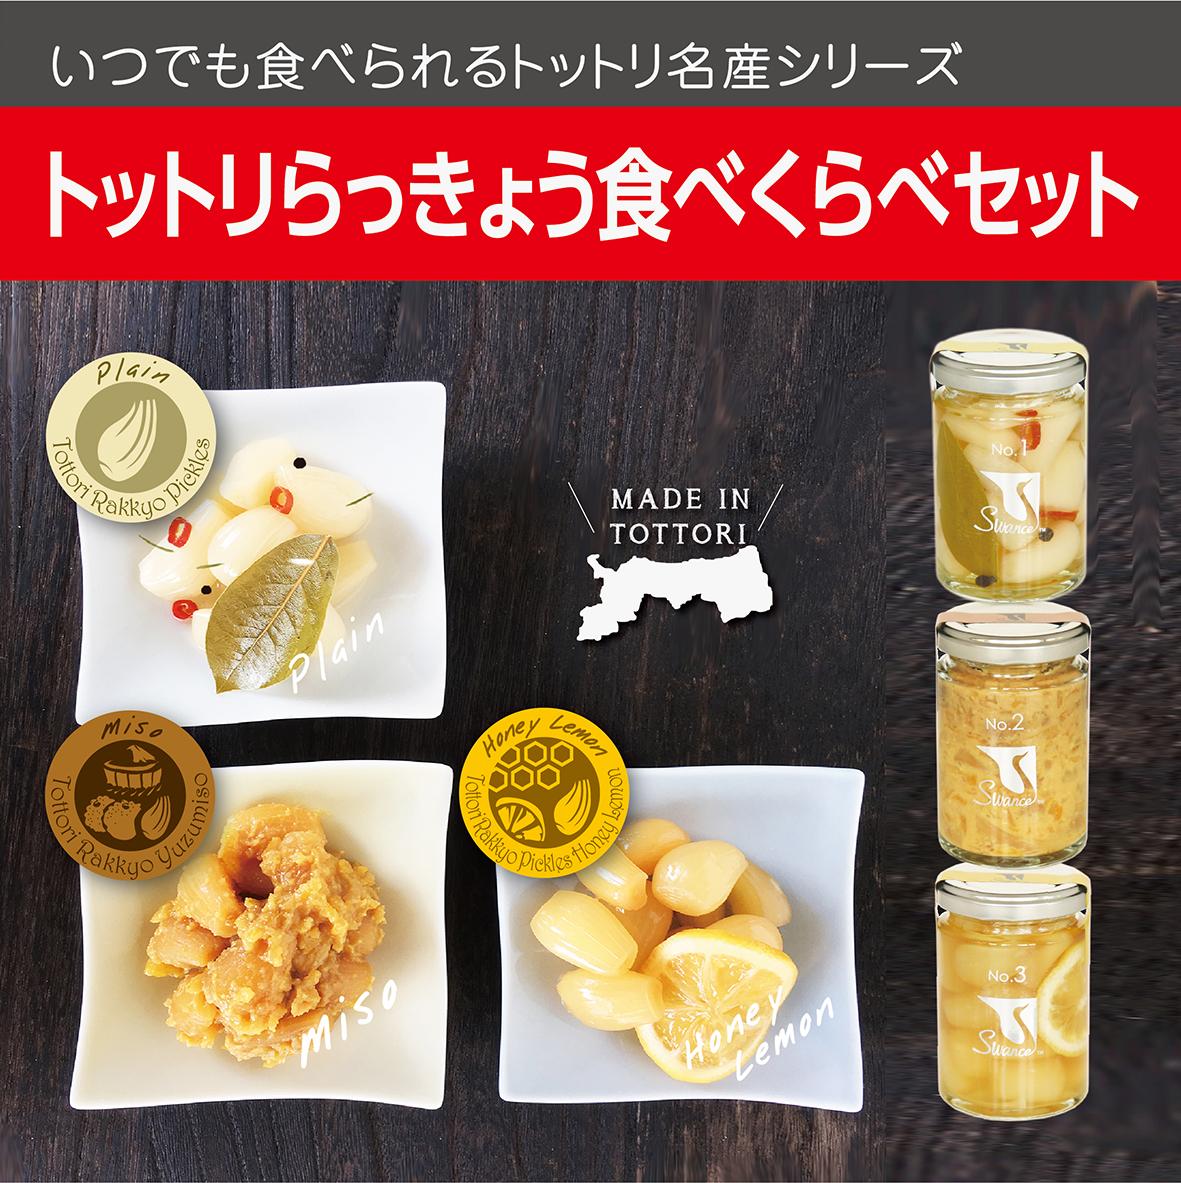 トットリらっきょう 6本セット 鳥取県産 スワンセ 産地直送 他のメーカー商品との同梱不可 土産 ギフト